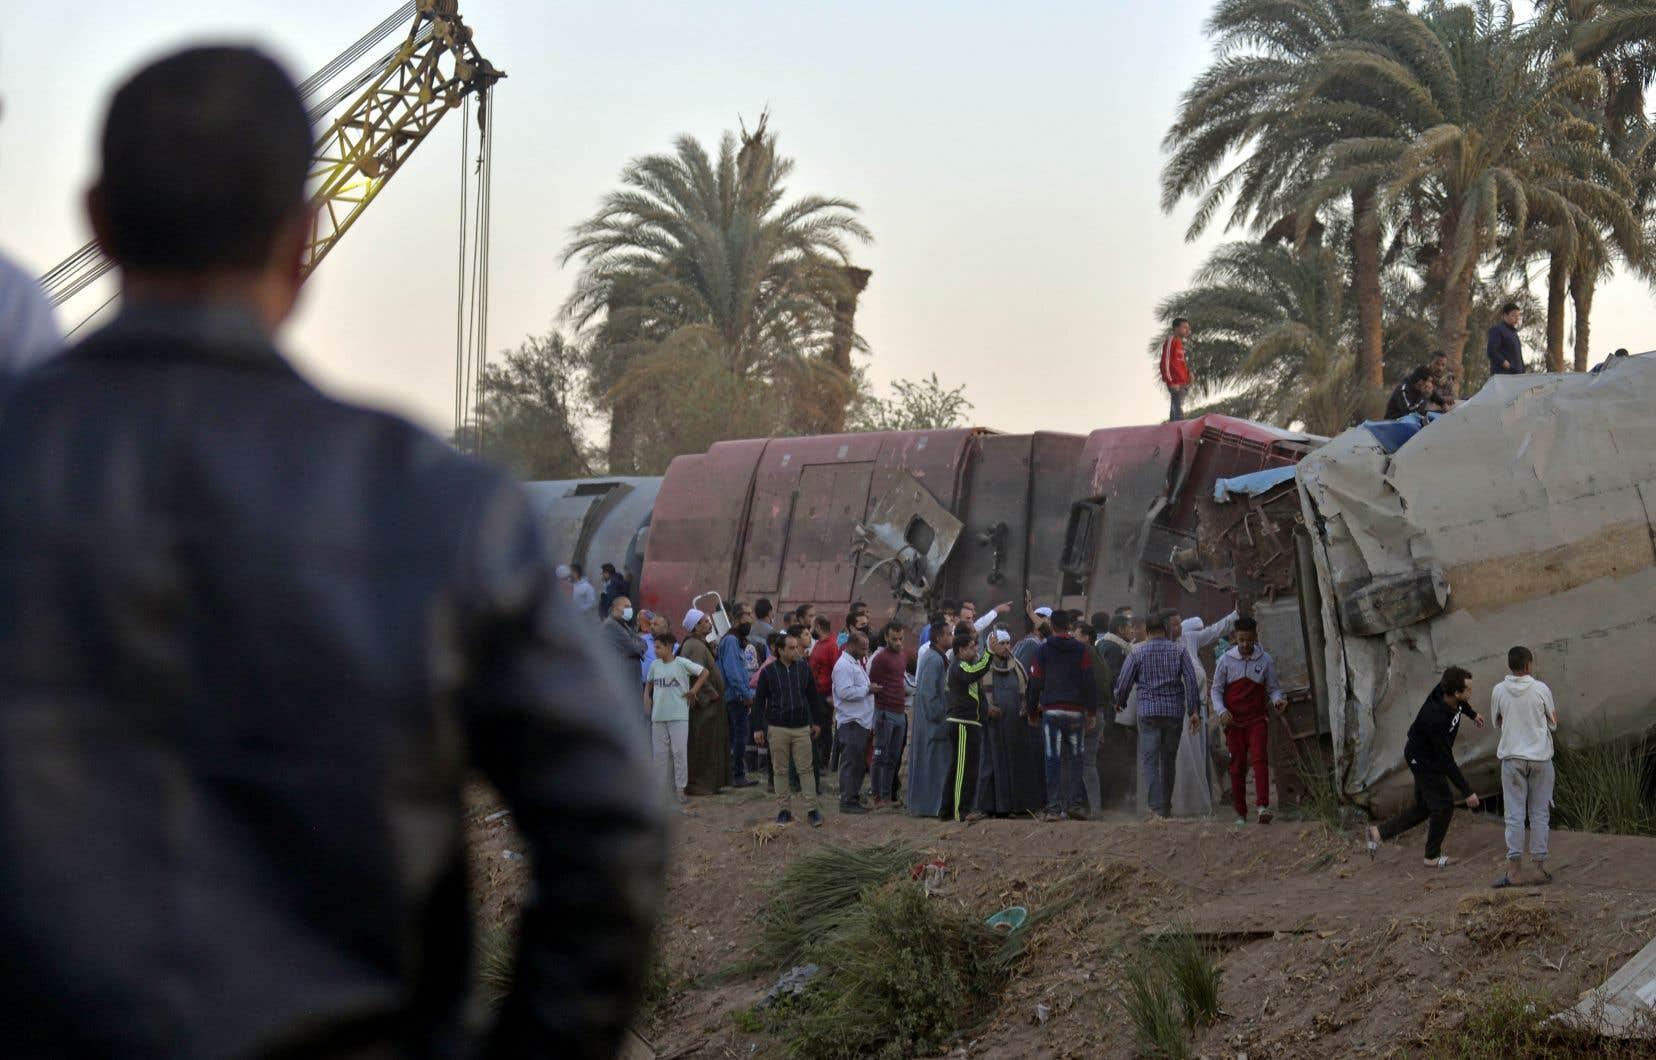 Les autorités ont fait état dans un premier temps de 32 morts et 165 blessés avant de revoir ce bilan à la baisse samedi, à 19 morts et 185 blessés. Selon des médias locaux, les deux conducteurs des trains sont décédés.